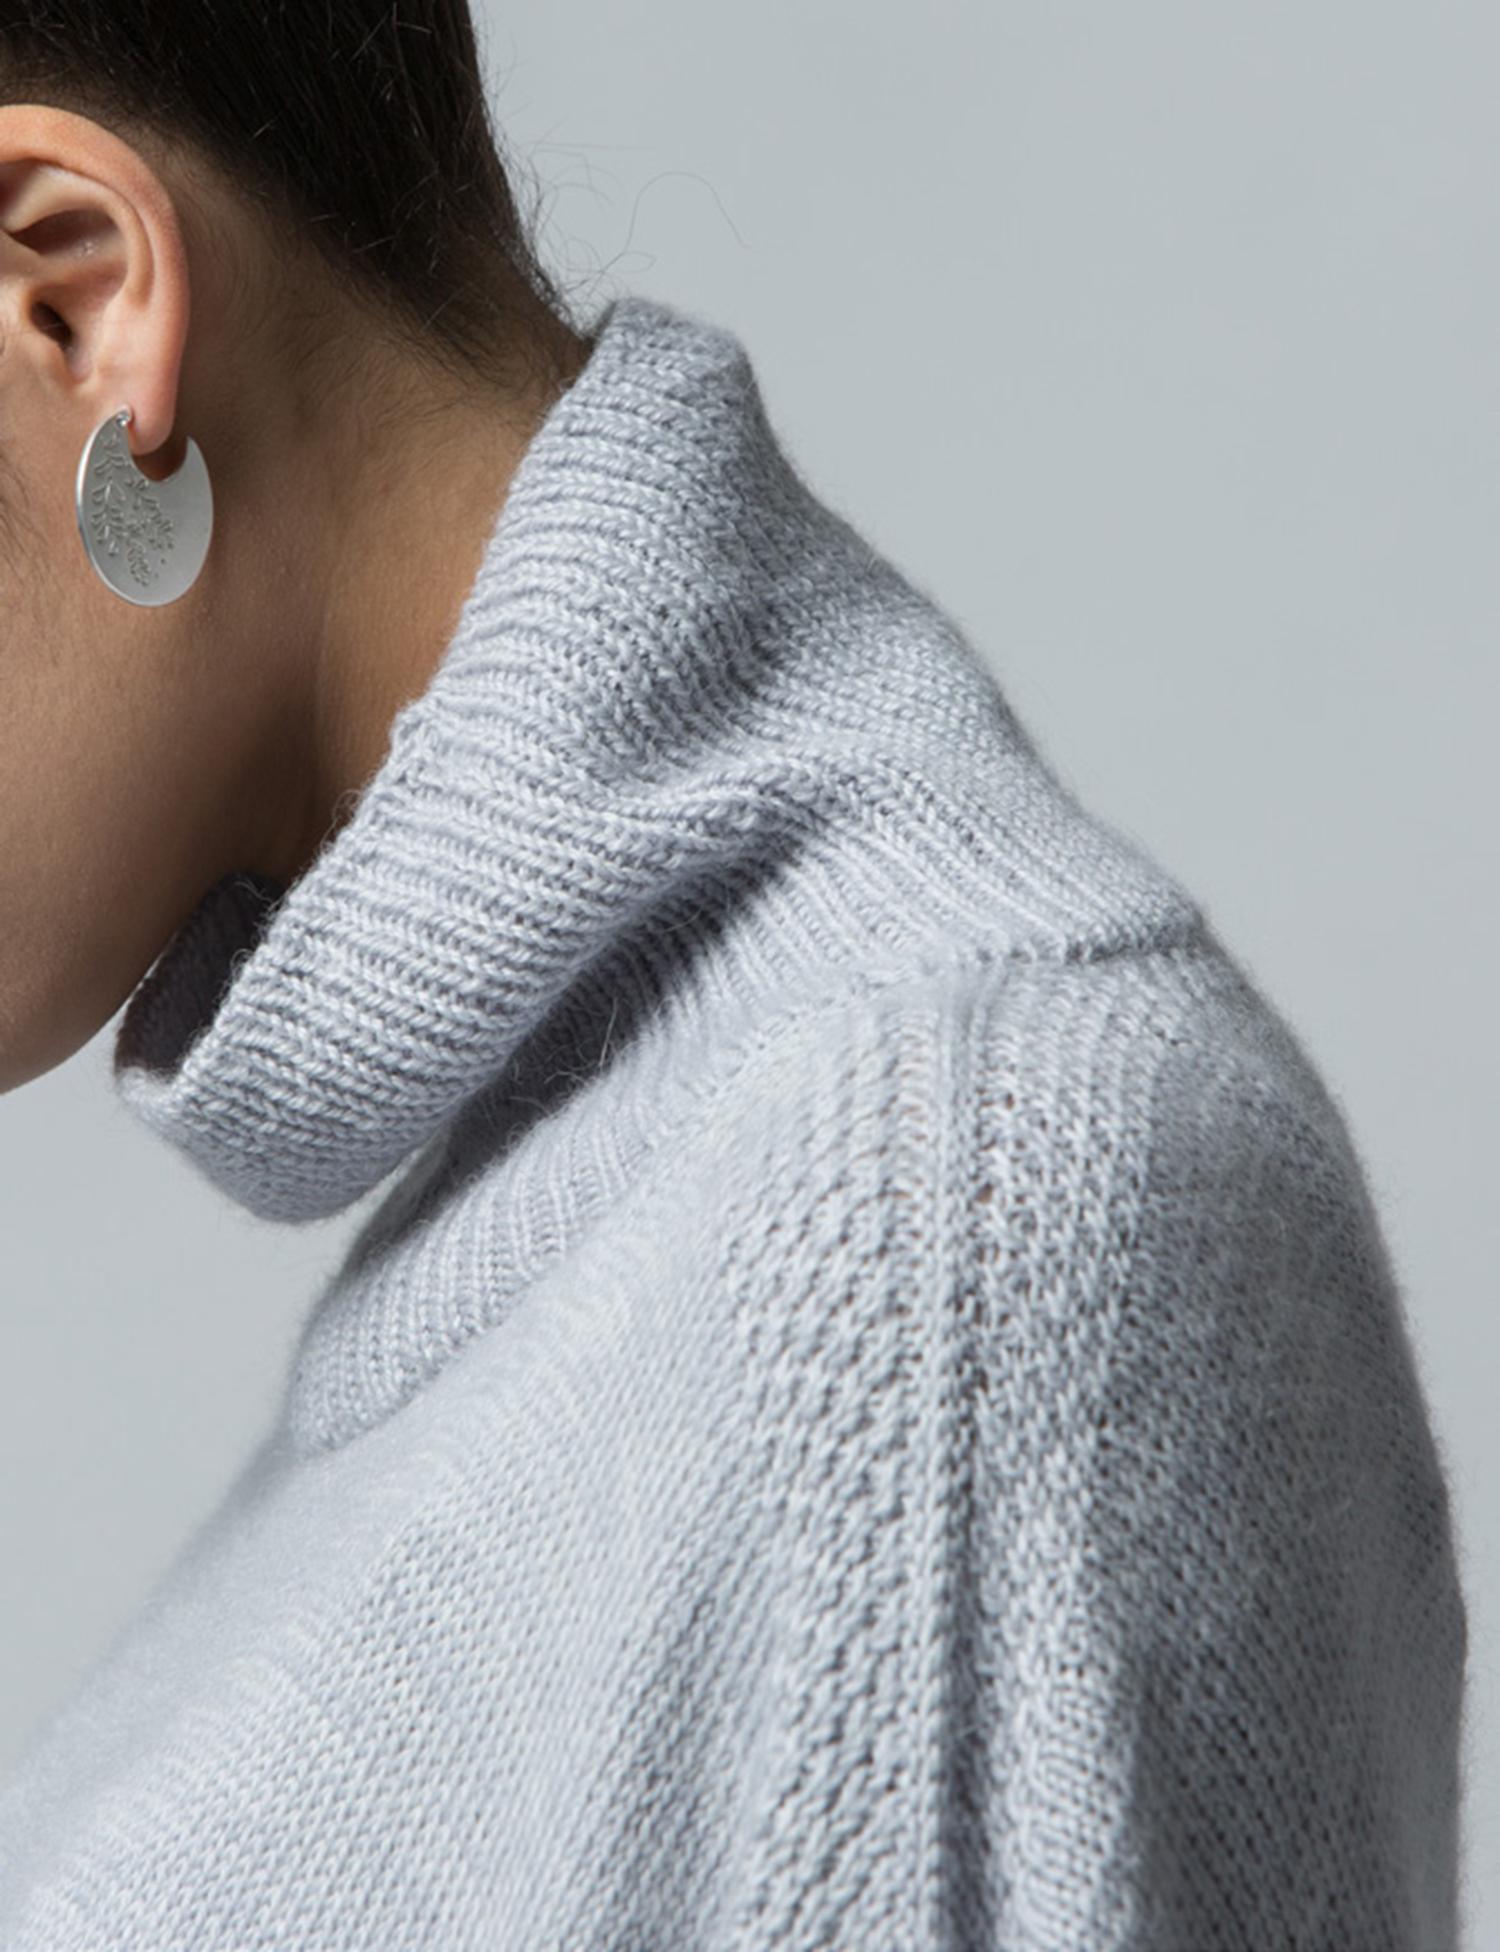 mofu-shoulderdetail.jpg